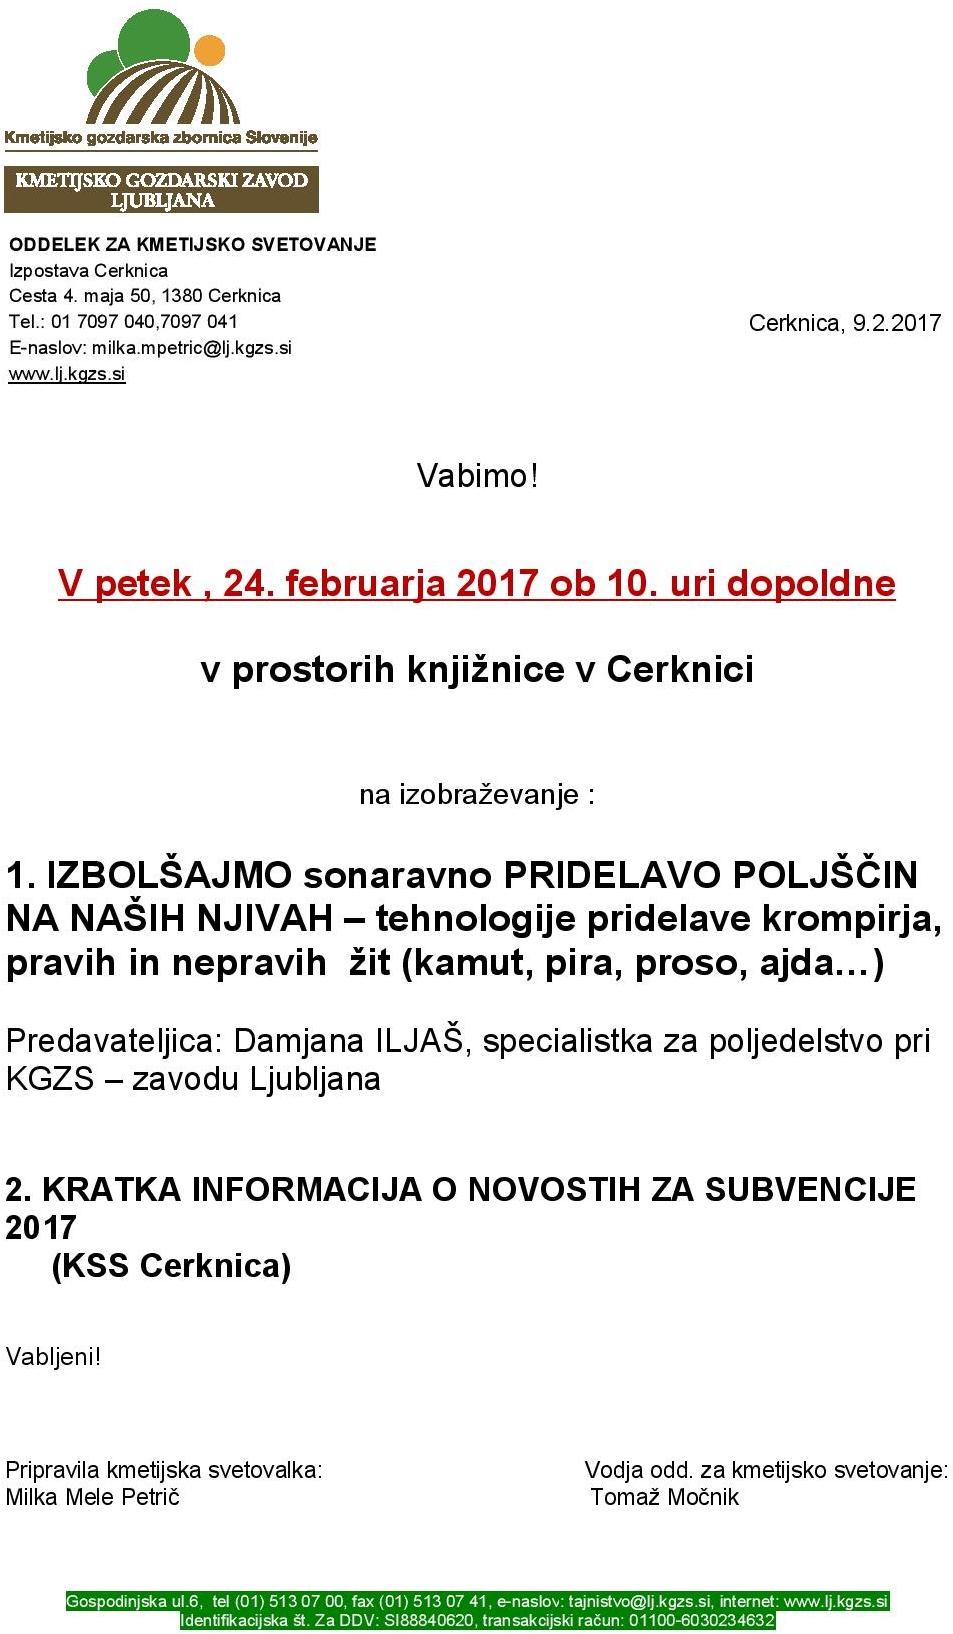 kmetijska page 001 - Izboljšajmo sonaravno pridelavo poljščin na naših njivah - predavanje KSS Cerknica, 24. 02. 2017